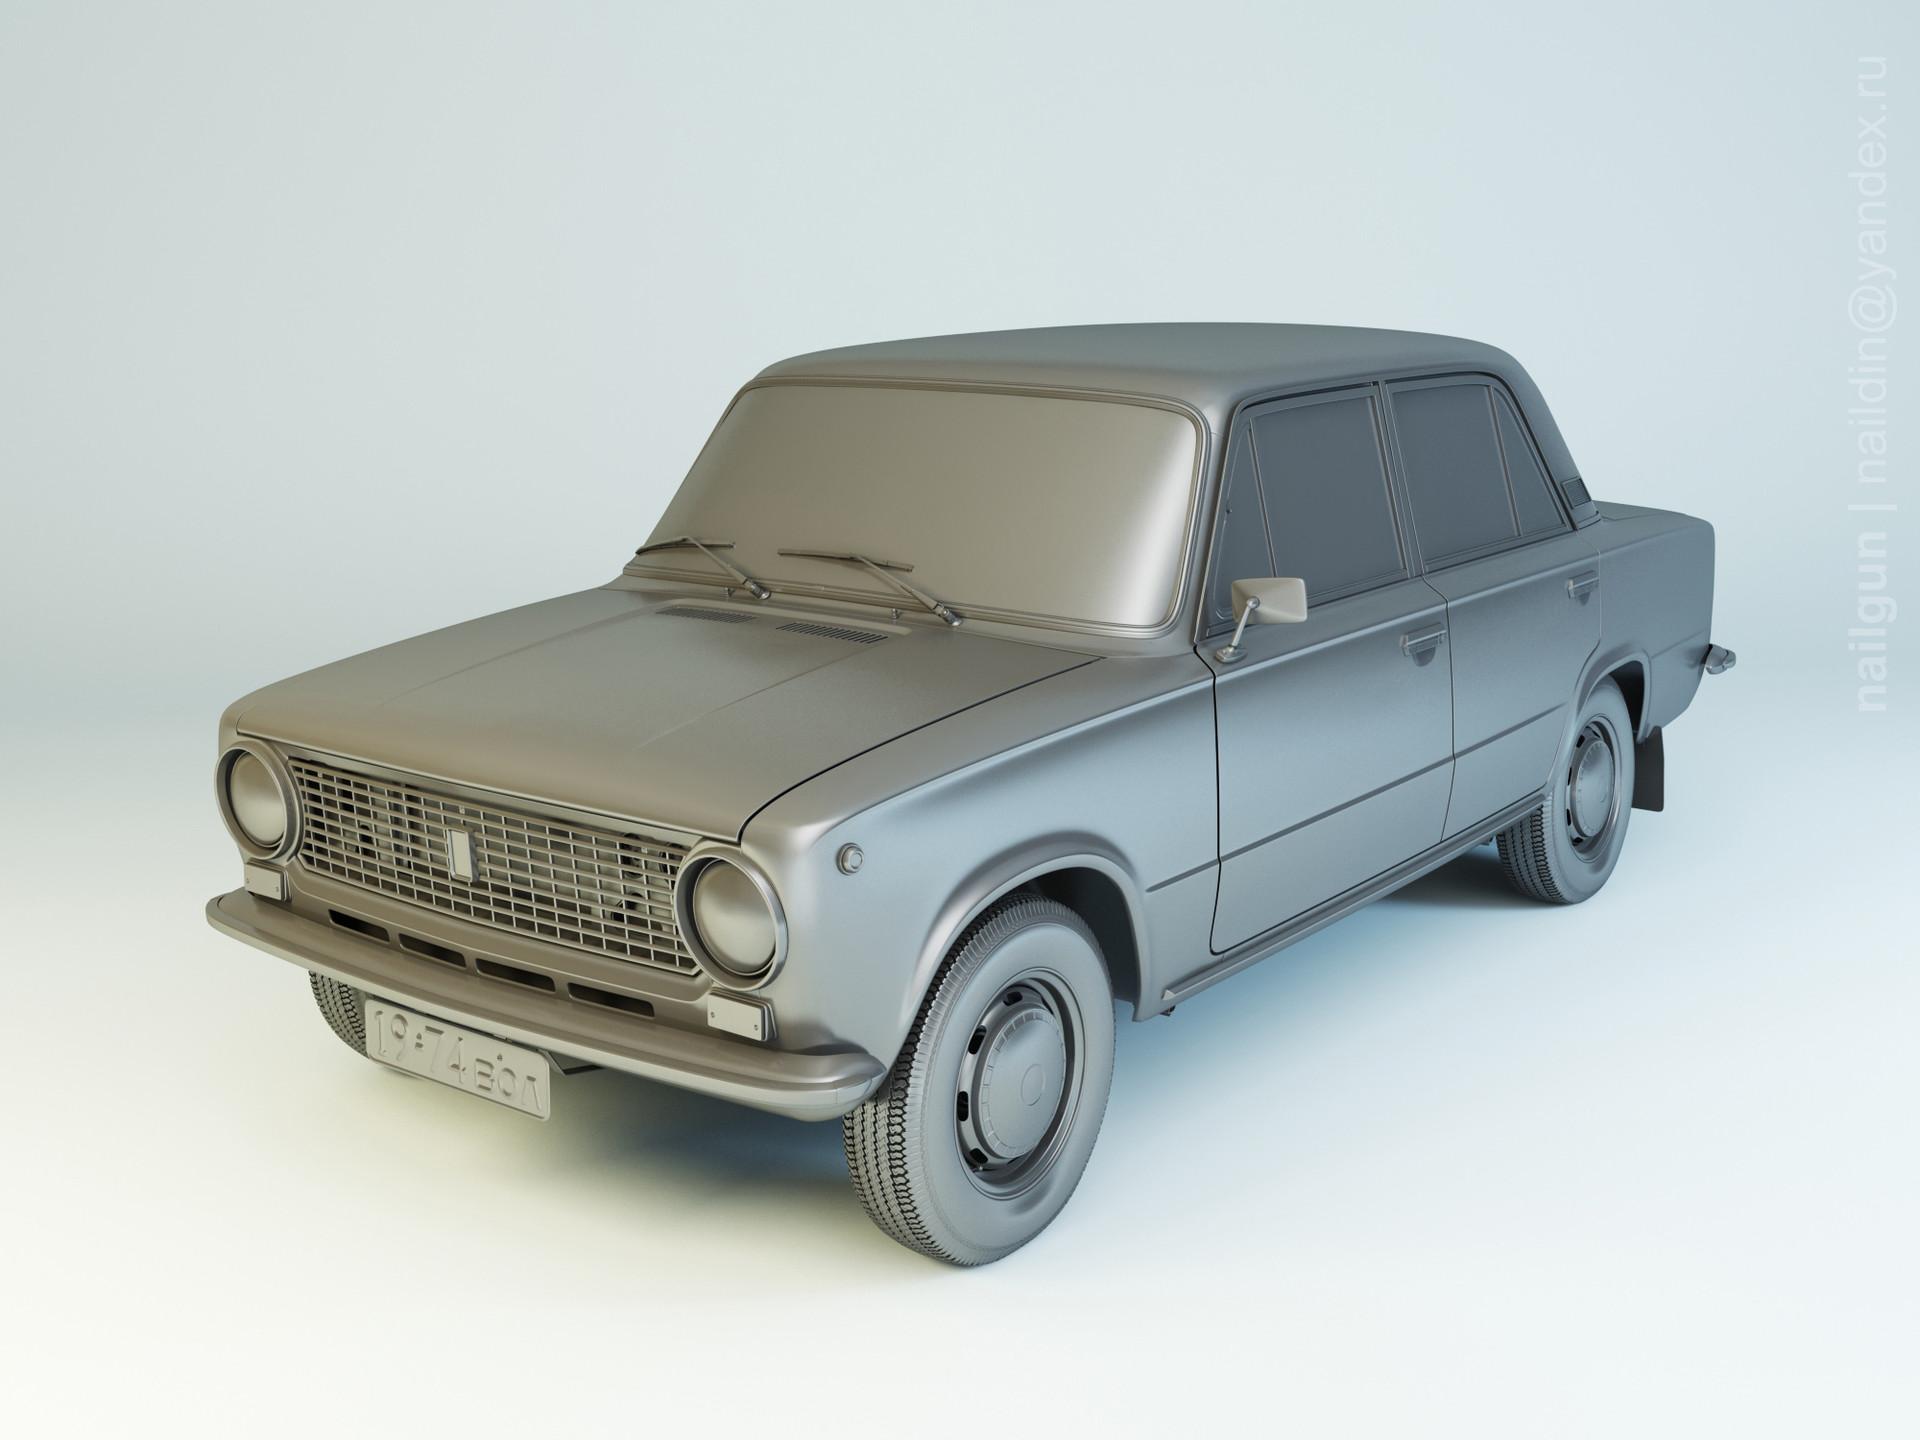 Nail khusnutdinov al123 003 vaz 21011 modelling 0